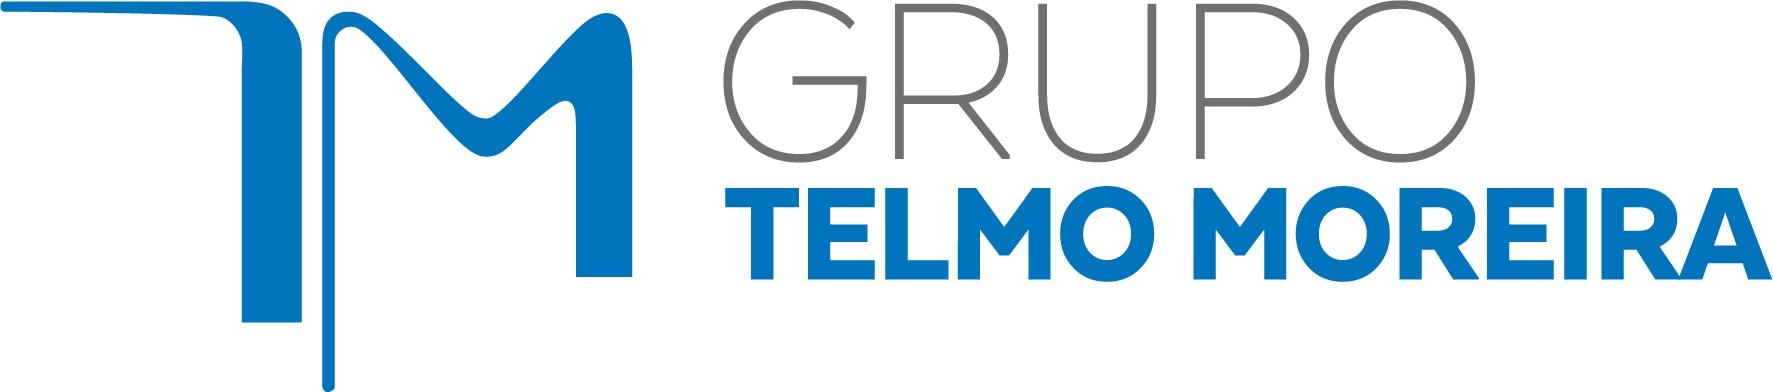 Telmo Almeida Moreira Unip. Lda